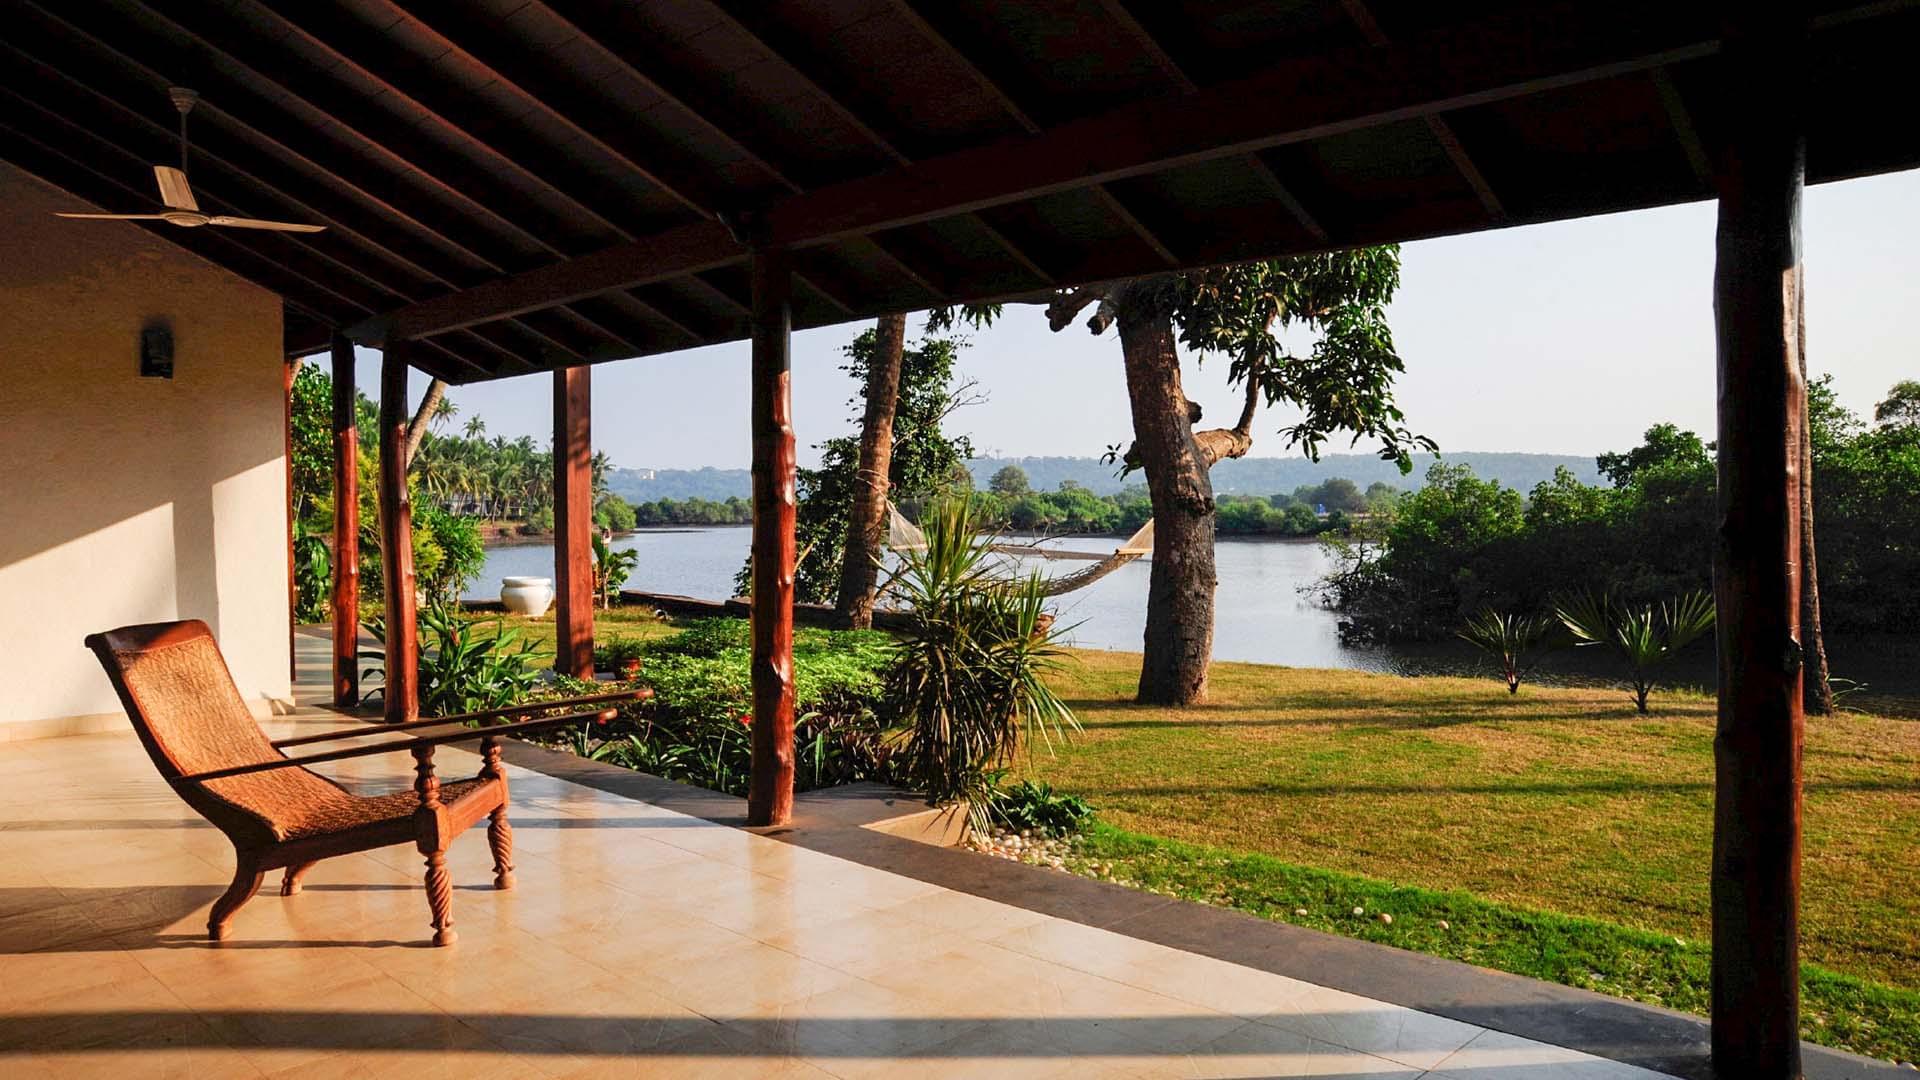 Soham Luxury Residential Villas Goa